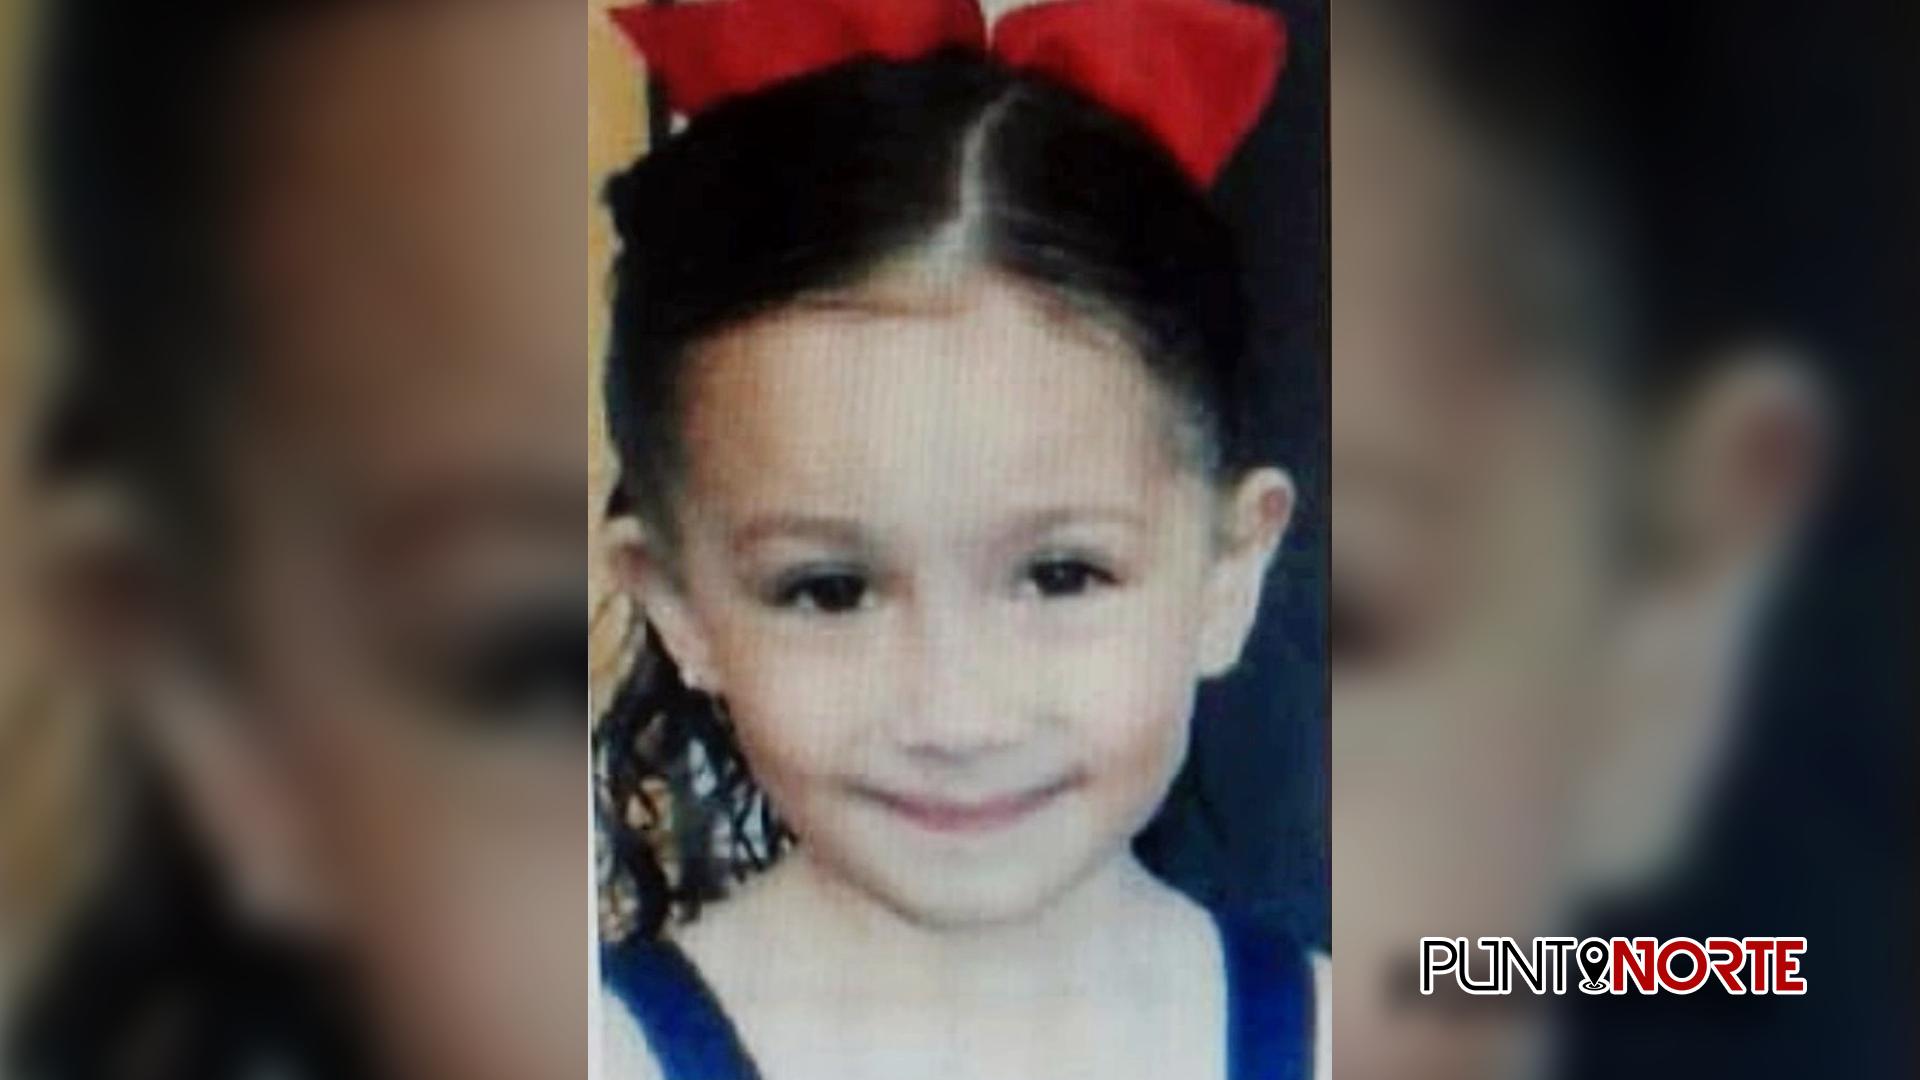 Alerta Amber para encontrar a niña de 7 años